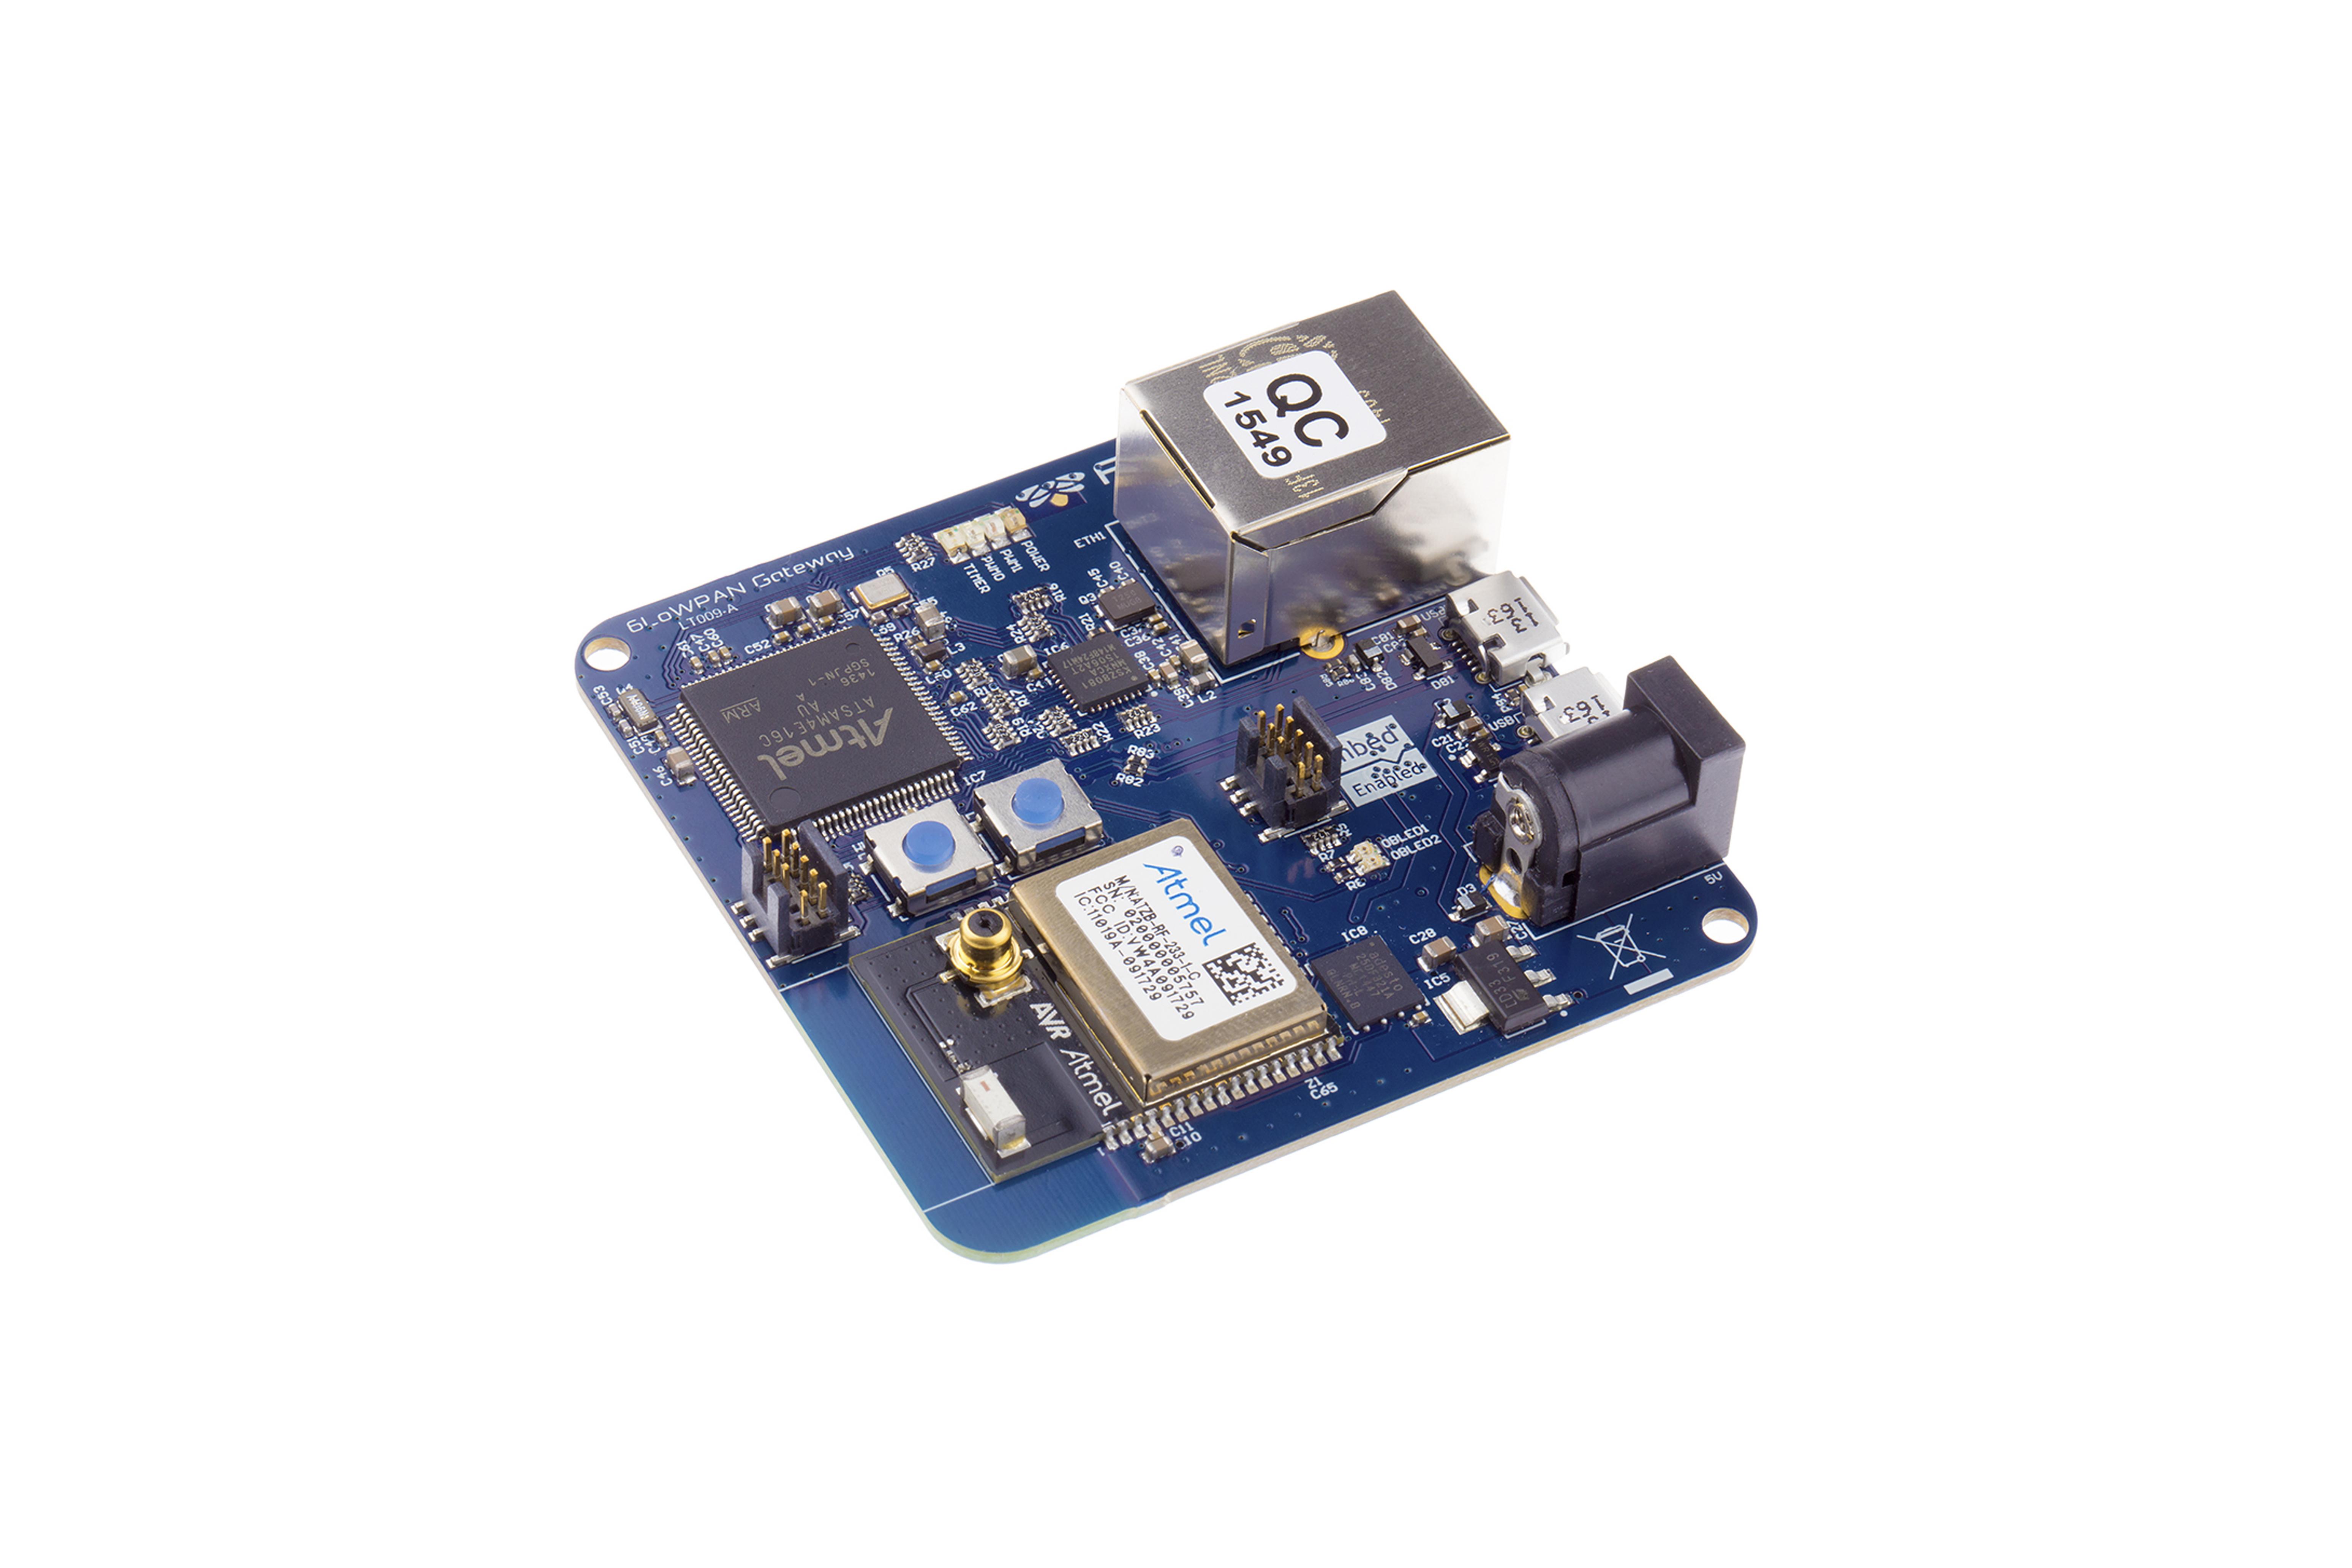 Modulo PCB router gateway Wi-Fi a 2,4GHz 6LowPAN